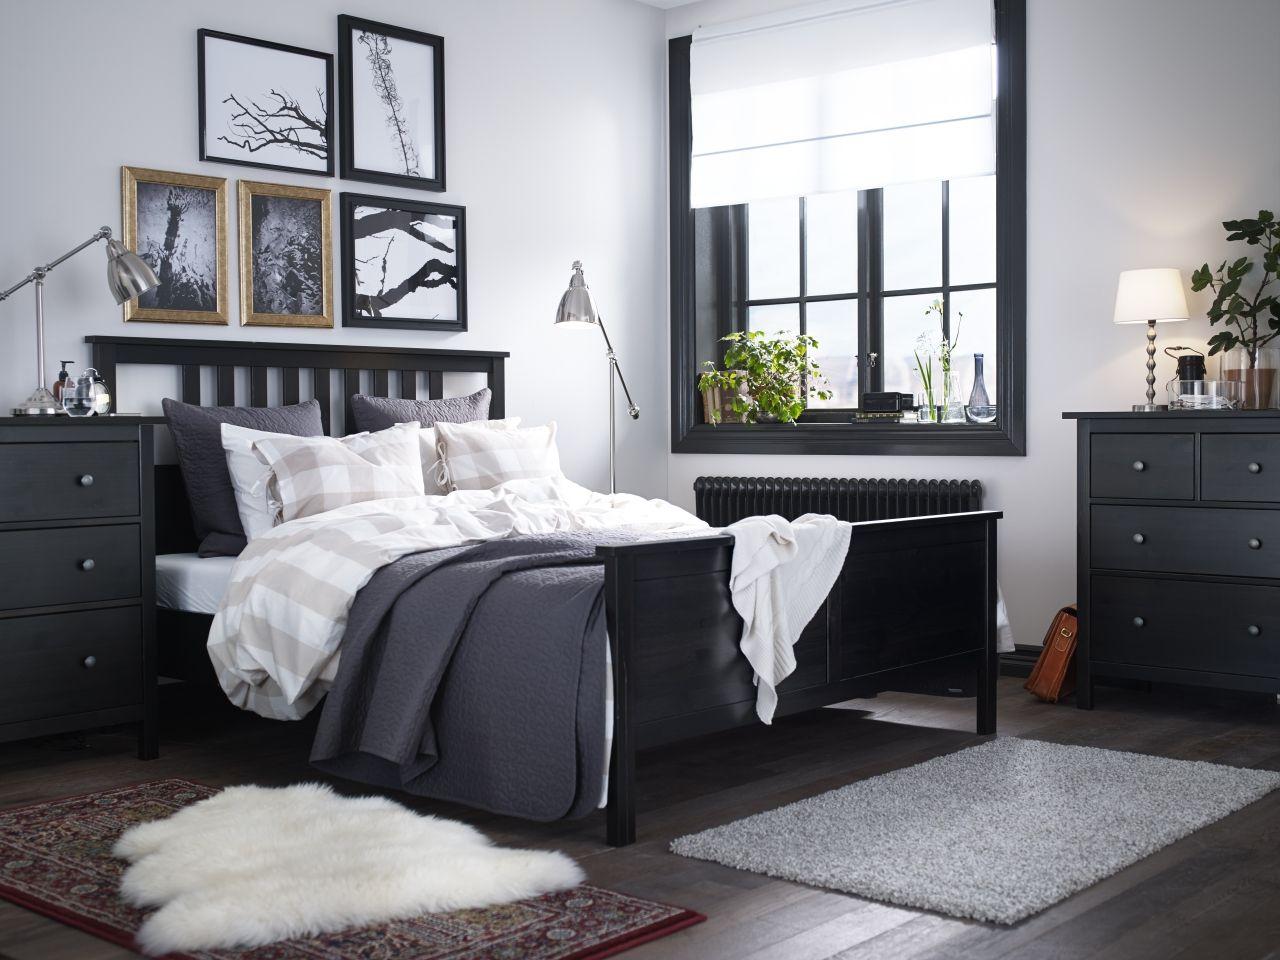 camere da letto moderne o classiche, ne abbiamo per tutti i gusti. Una Galleria Di Idee Per La Tua Camera Da Letto Ikea Bedroom Furniture Ikea Hemnes Bed Black Bedroom Furniture